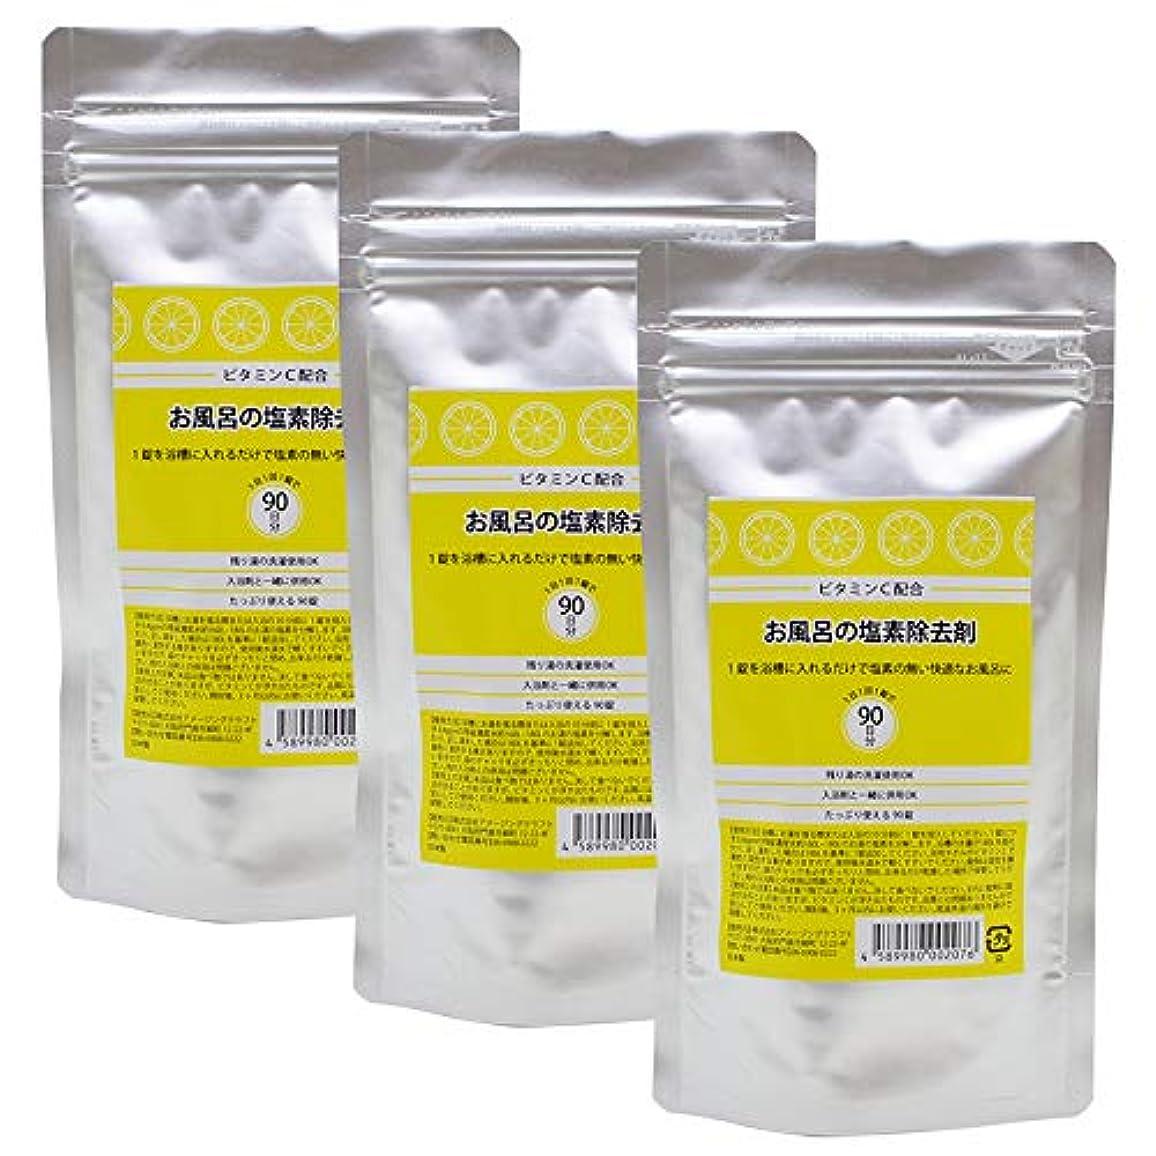 前者本を読むコンクリートビタミンC配合 お風呂の塩素除去剤 錠剤タイプ 90錠 3個セット 浴槽用脱塩素剤